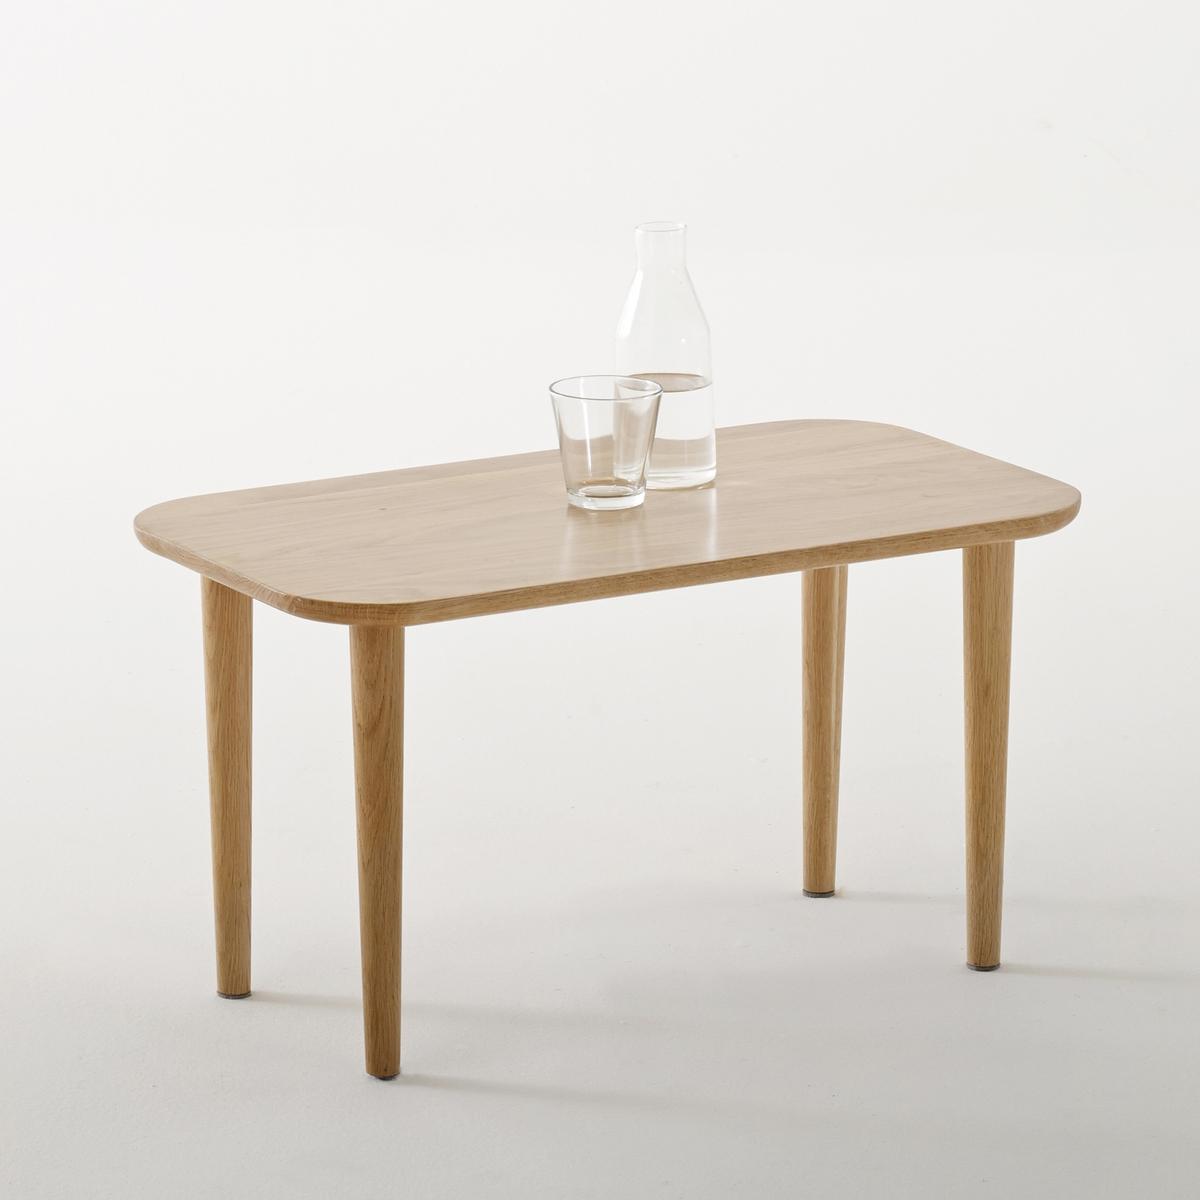 Столик журнальный низкий из массива дуба, Crueso столик из массива дуба ariles